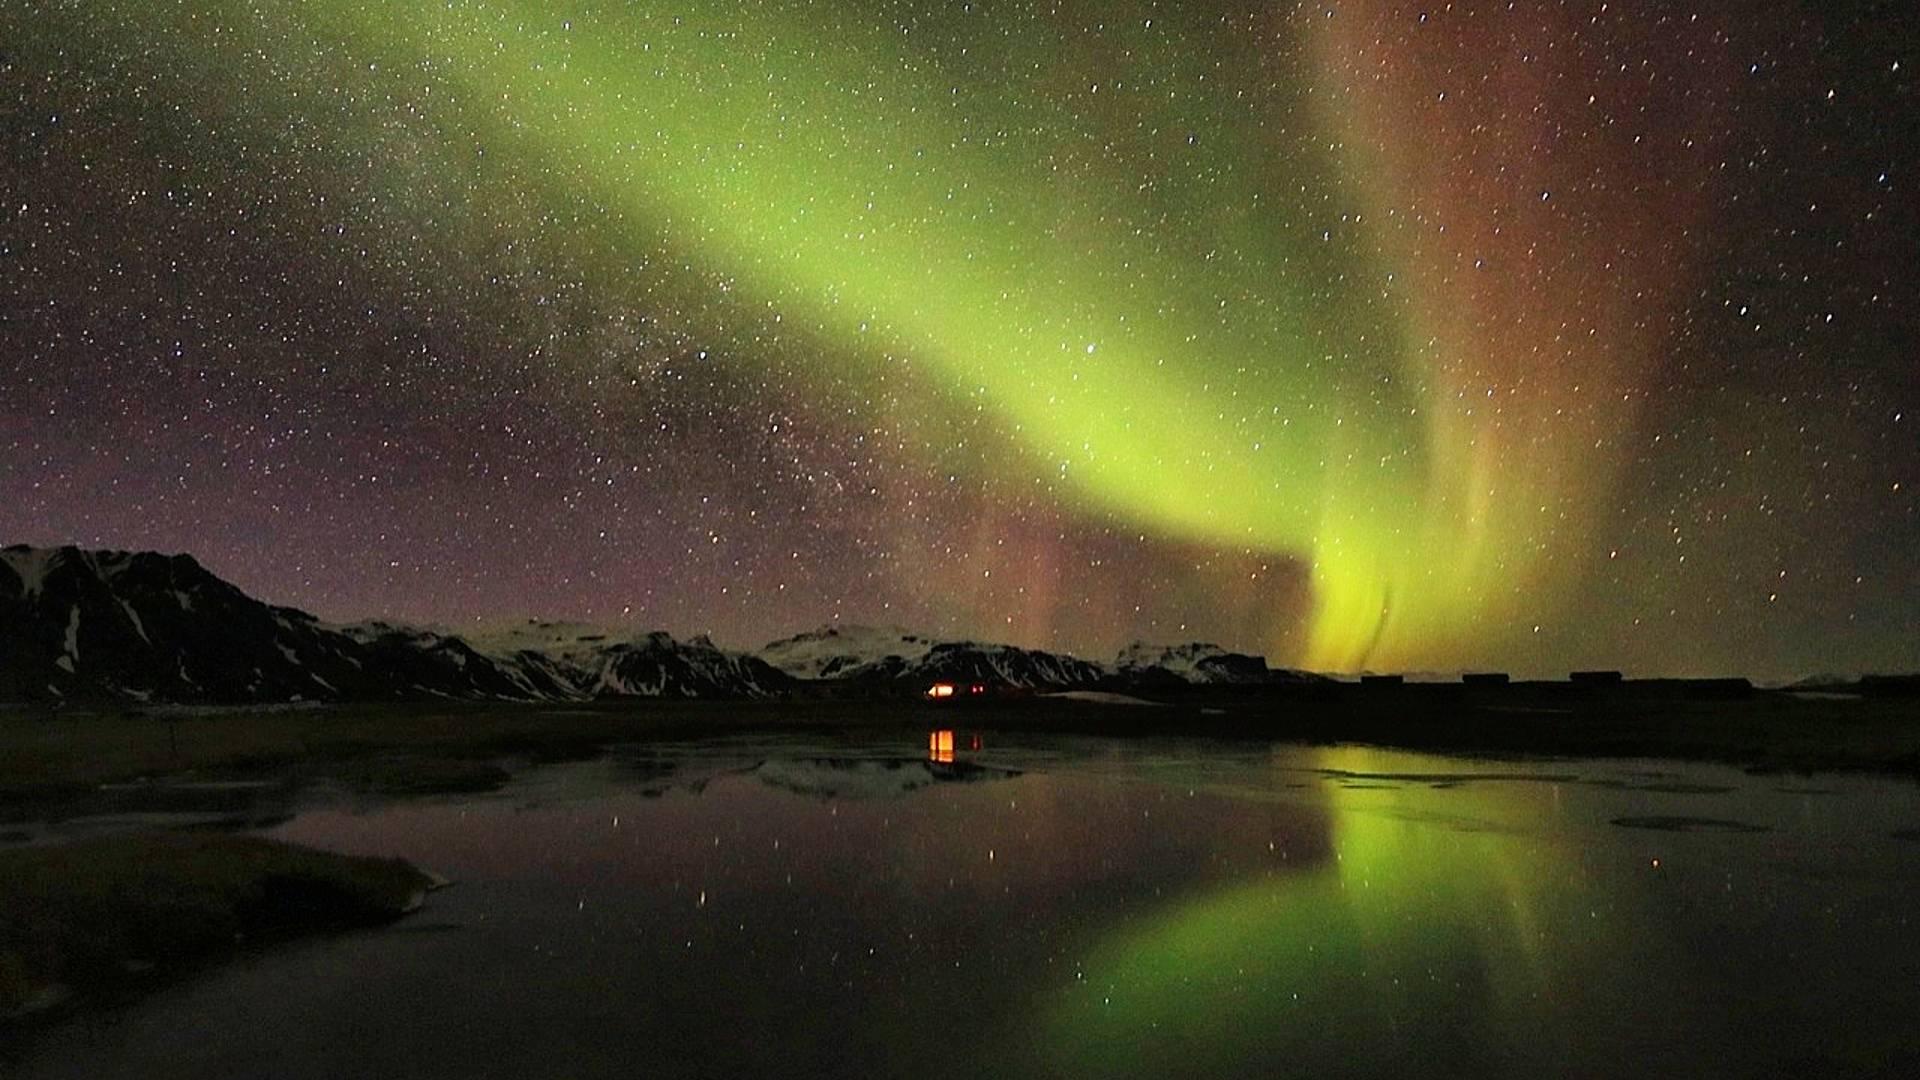 Vida local, naturaleza salvaje y auroras boreales